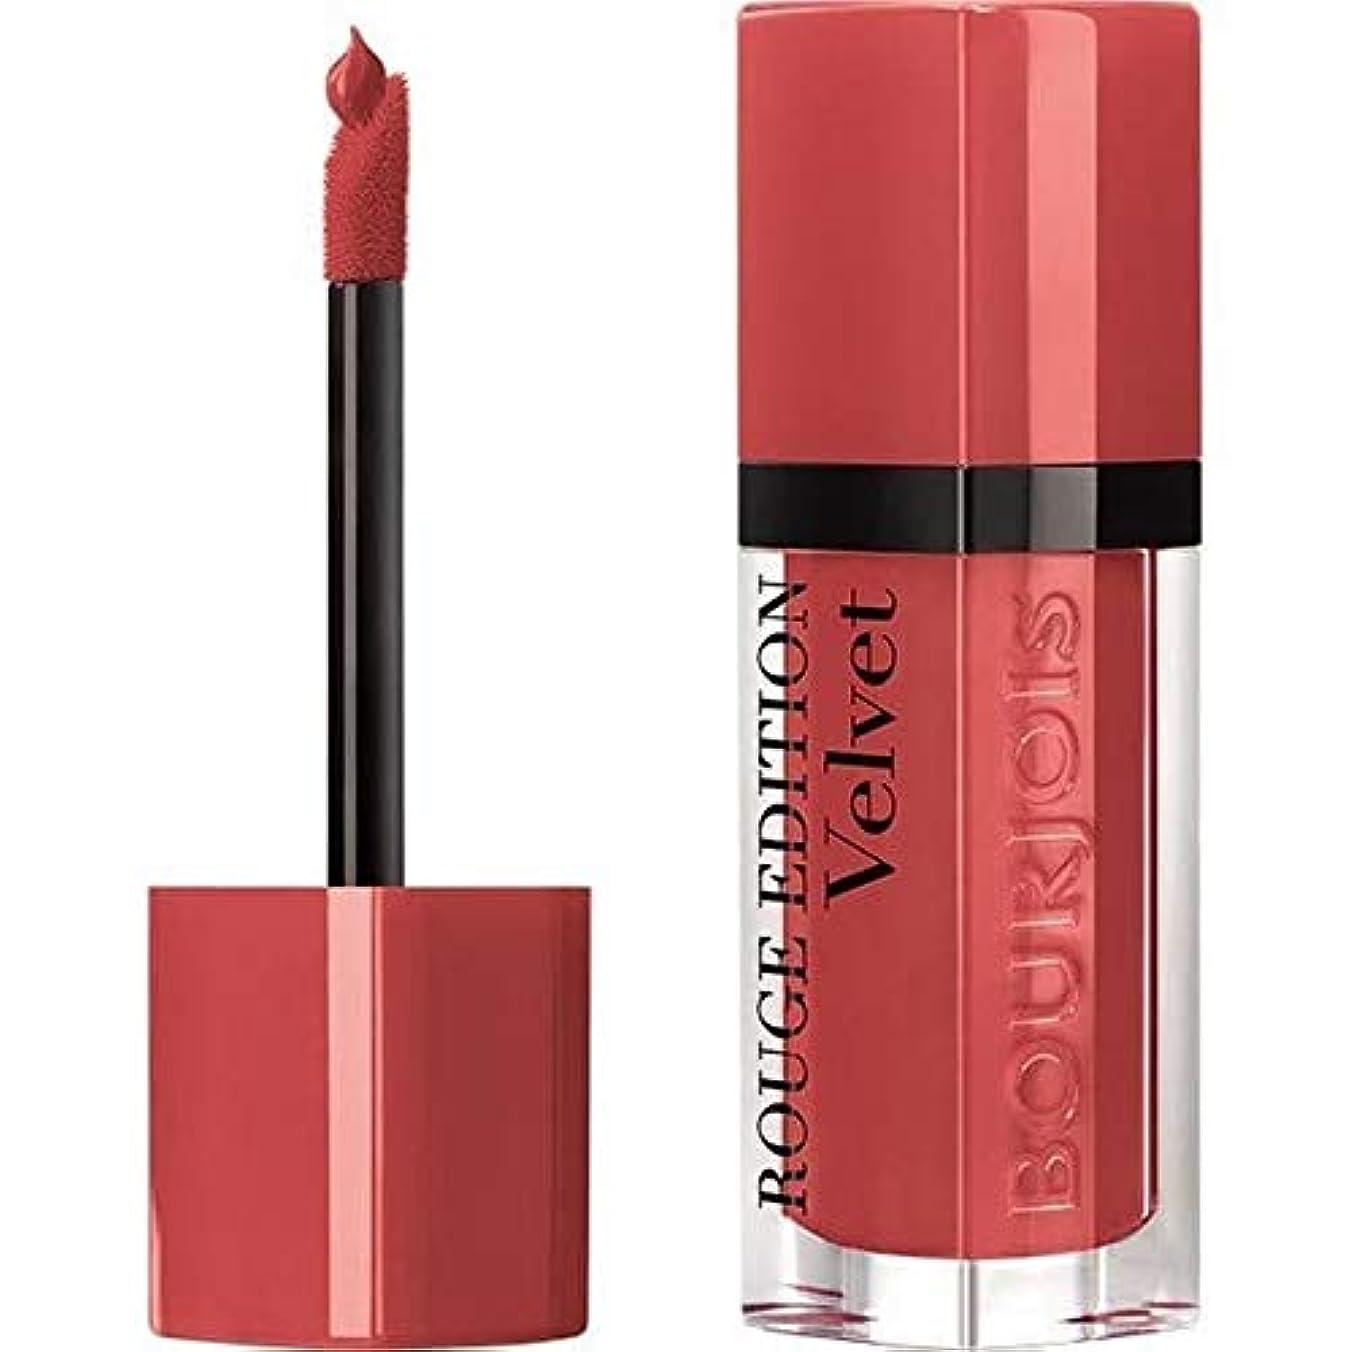 退屈なストローク災難[Bourjois ] ブルジョワルージュ版ベルベットの口紅の桃クラブ4 - Bourjois Rouge Edition Velvet lipstick Peach Club 4 [並行輸入品]